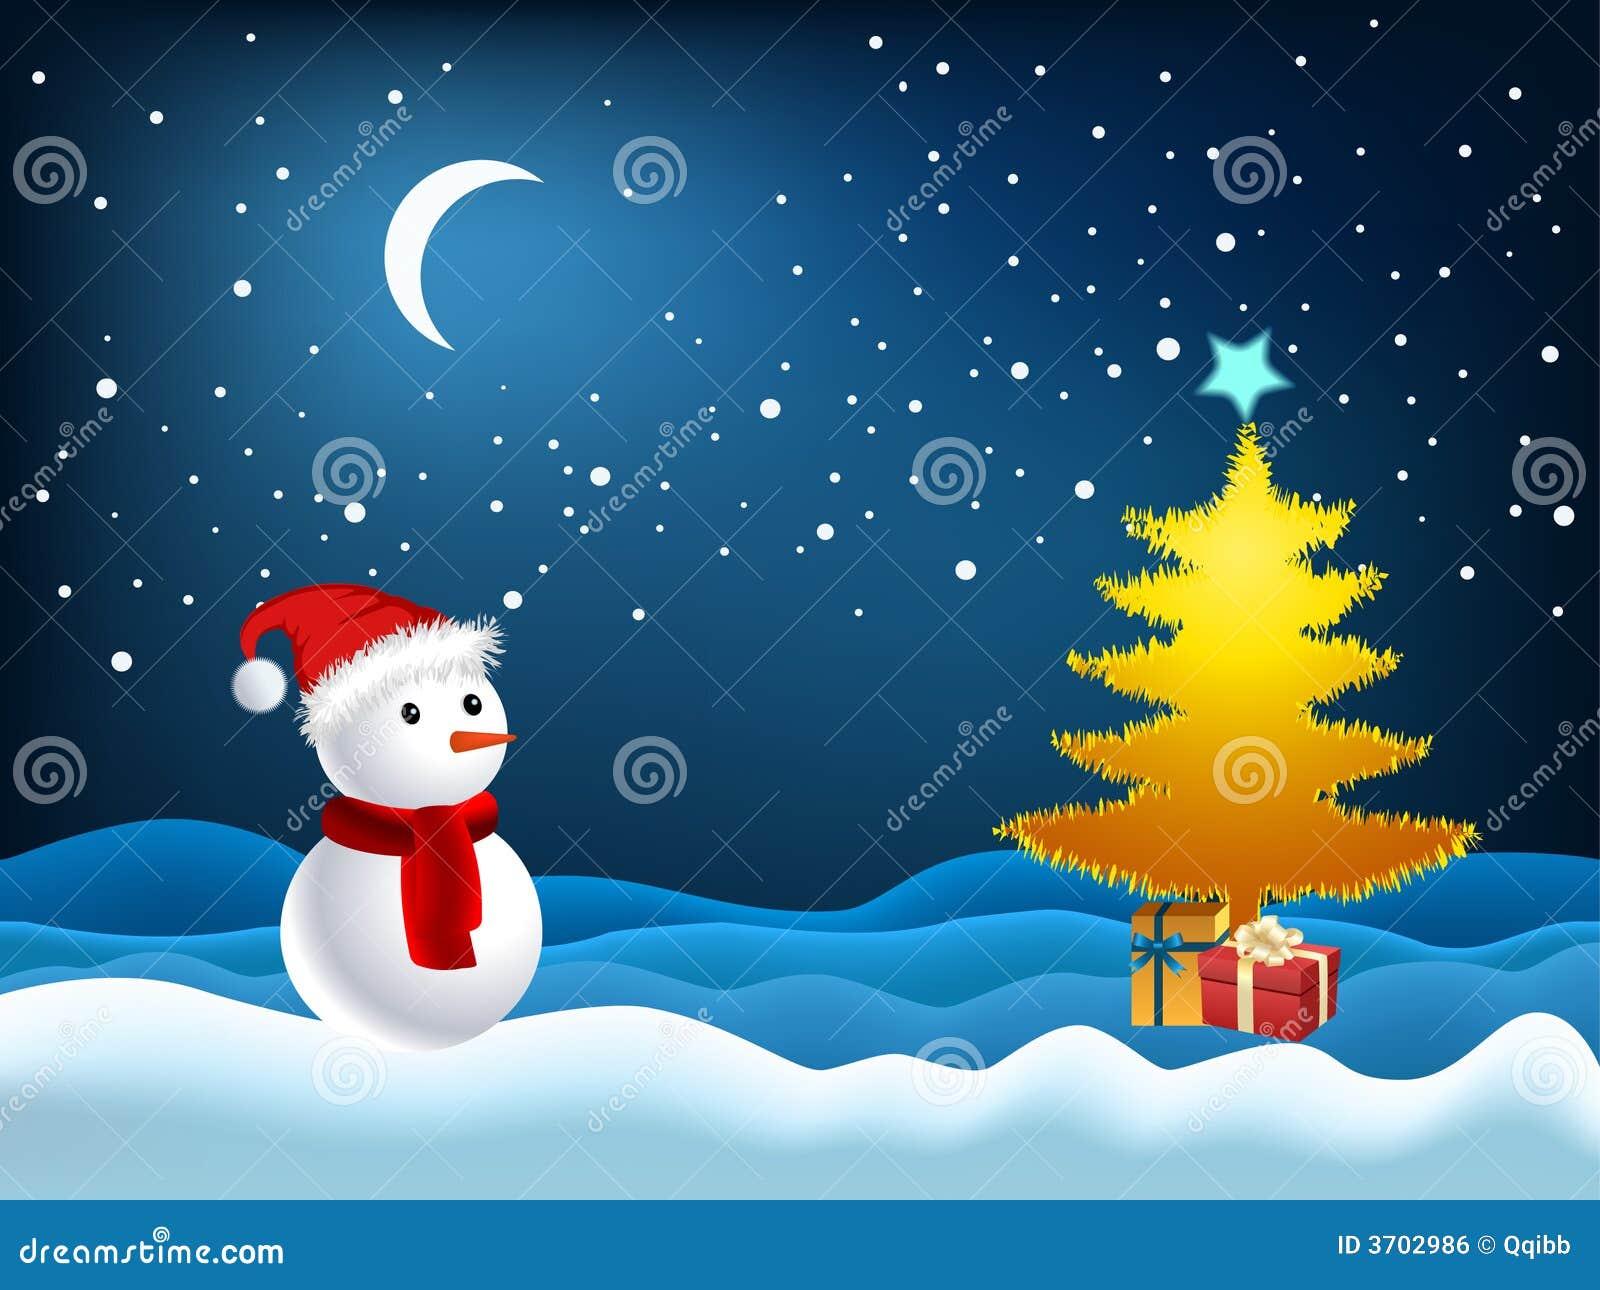 Ilustración del árbol y del muñeco de nieve de Navidad